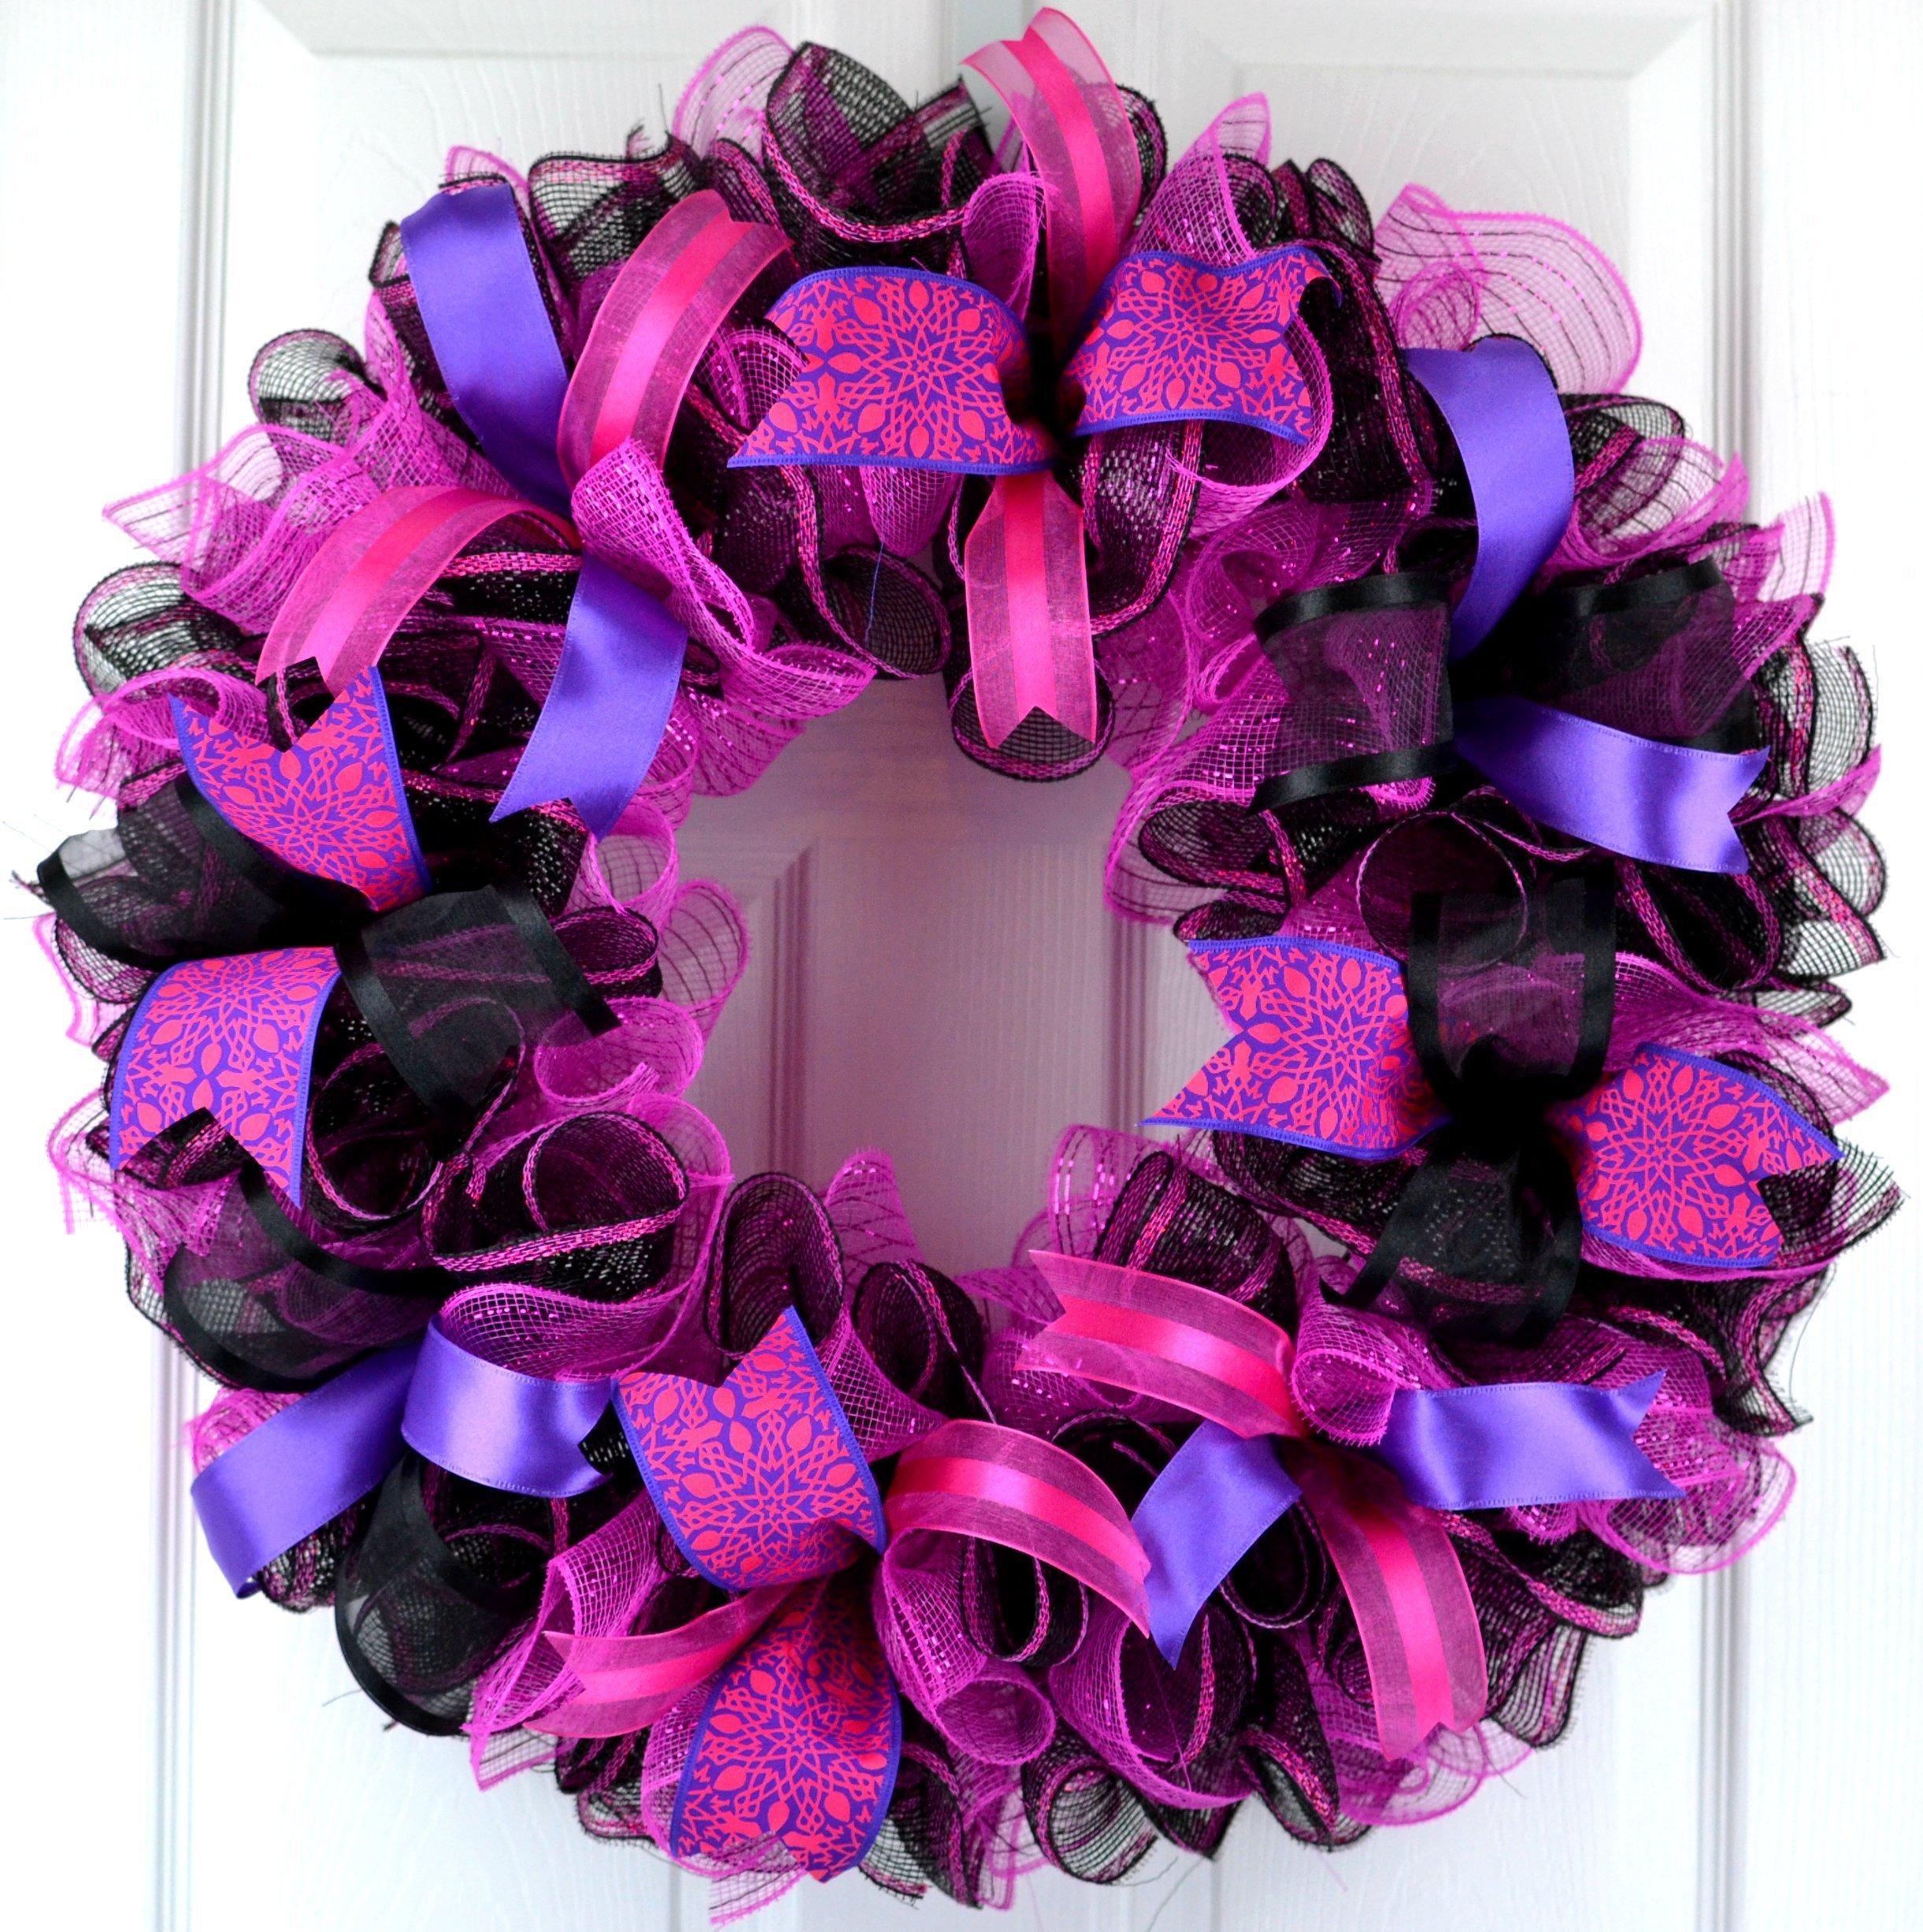 Black Pink Mesh Door Wreath | Everyday Front Door Outdoor Wreath | Black Hot Fuchsia Pink Purple by Pink Door Wreaths